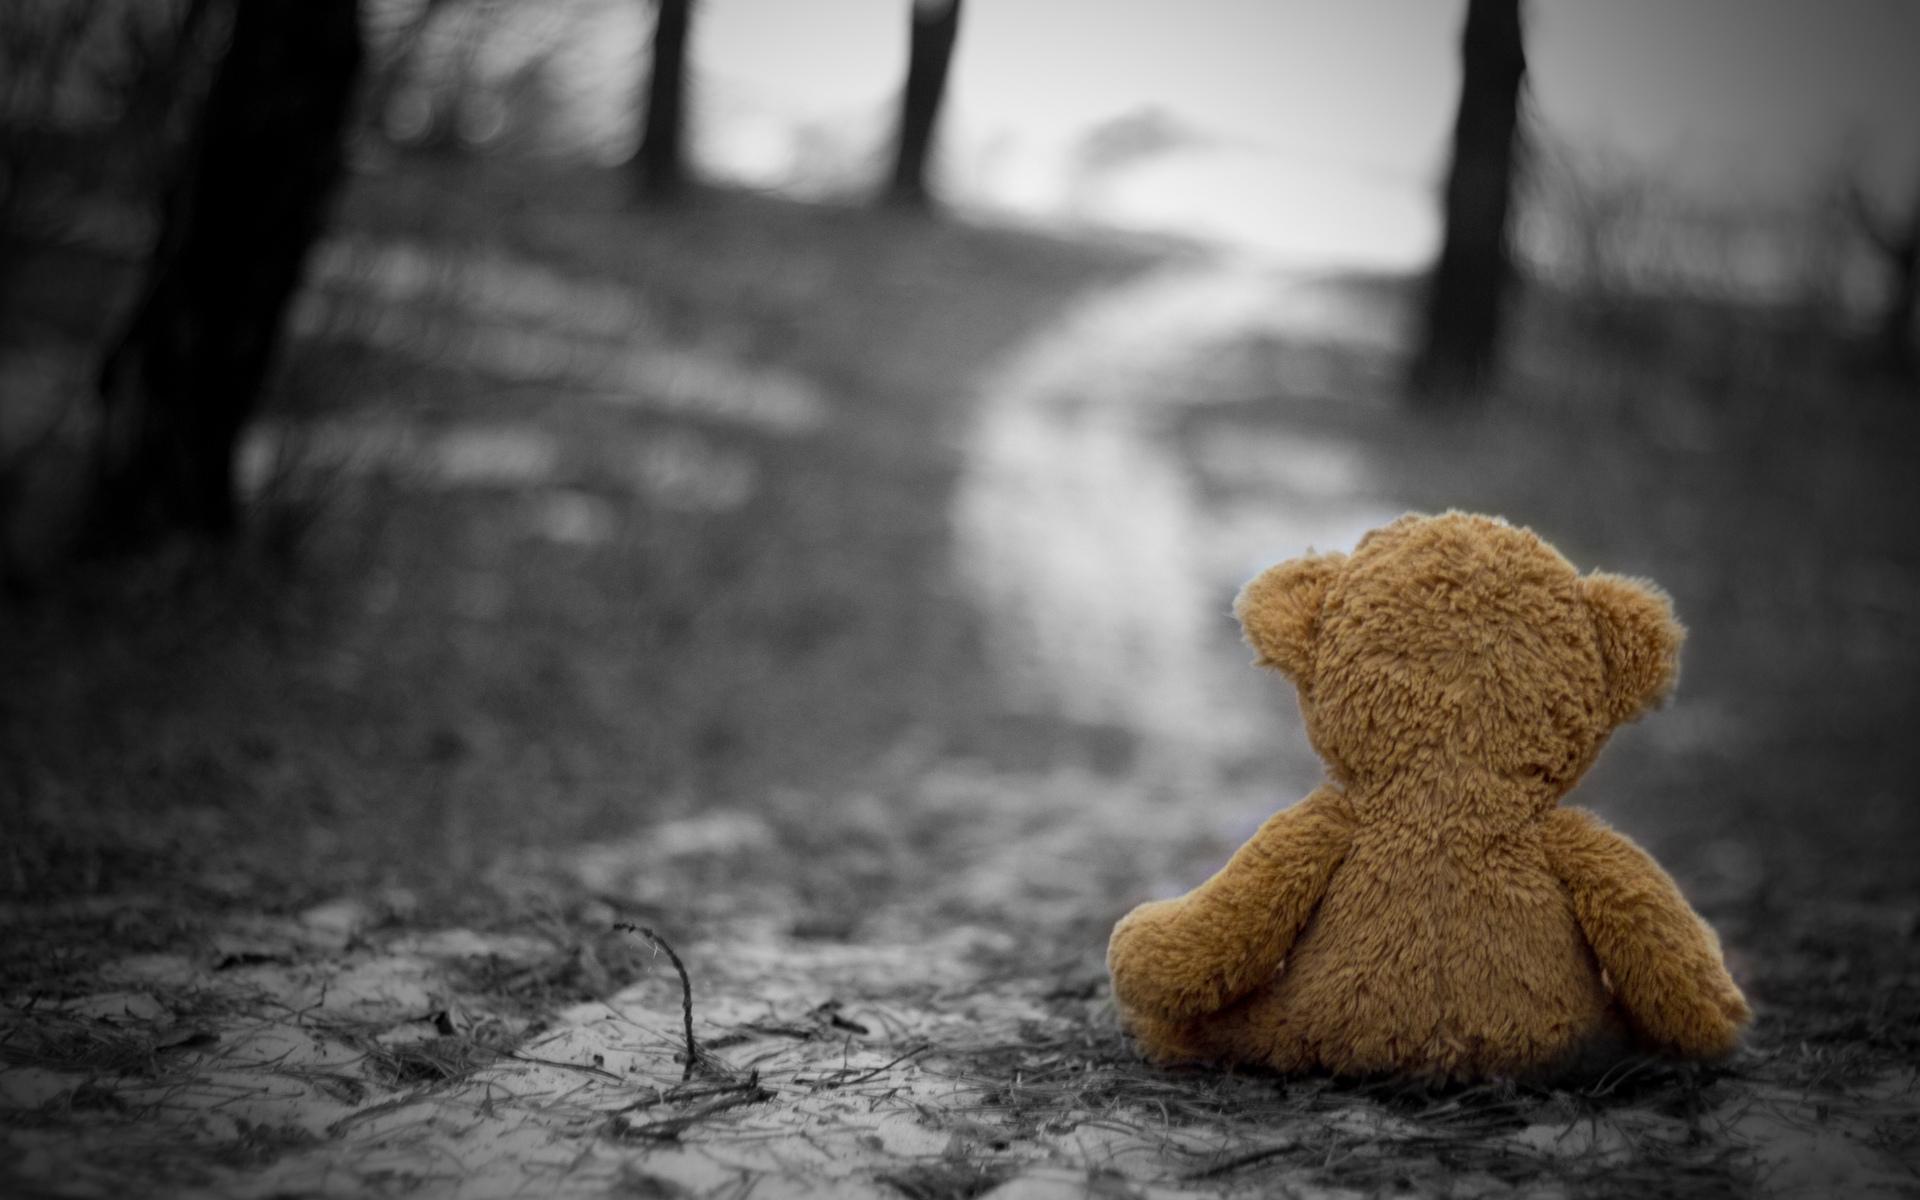 Депрессия и тревожность провоцируют новые заболевания